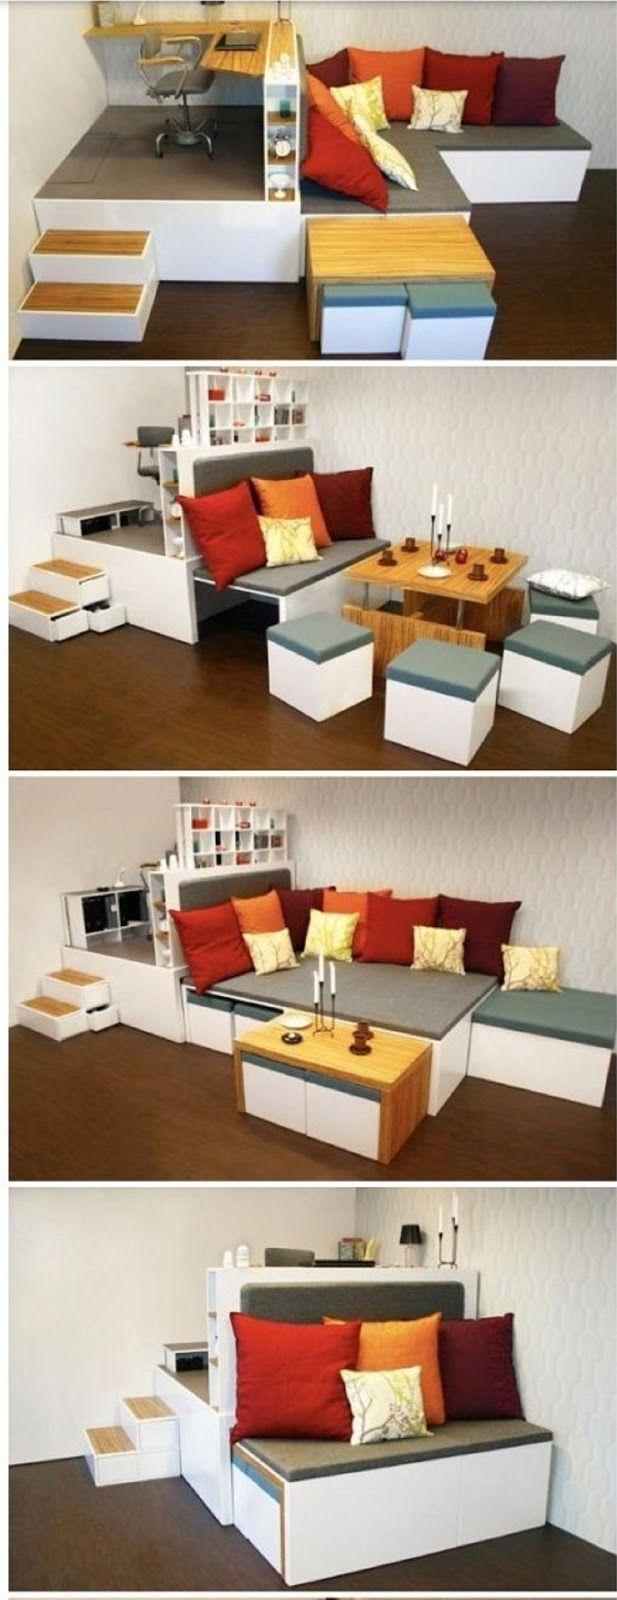 Mueble Integral Multi Usos Para Espacios Peque Os Efficient  # Muebles Multifuncionales Para Espacios Pequenos